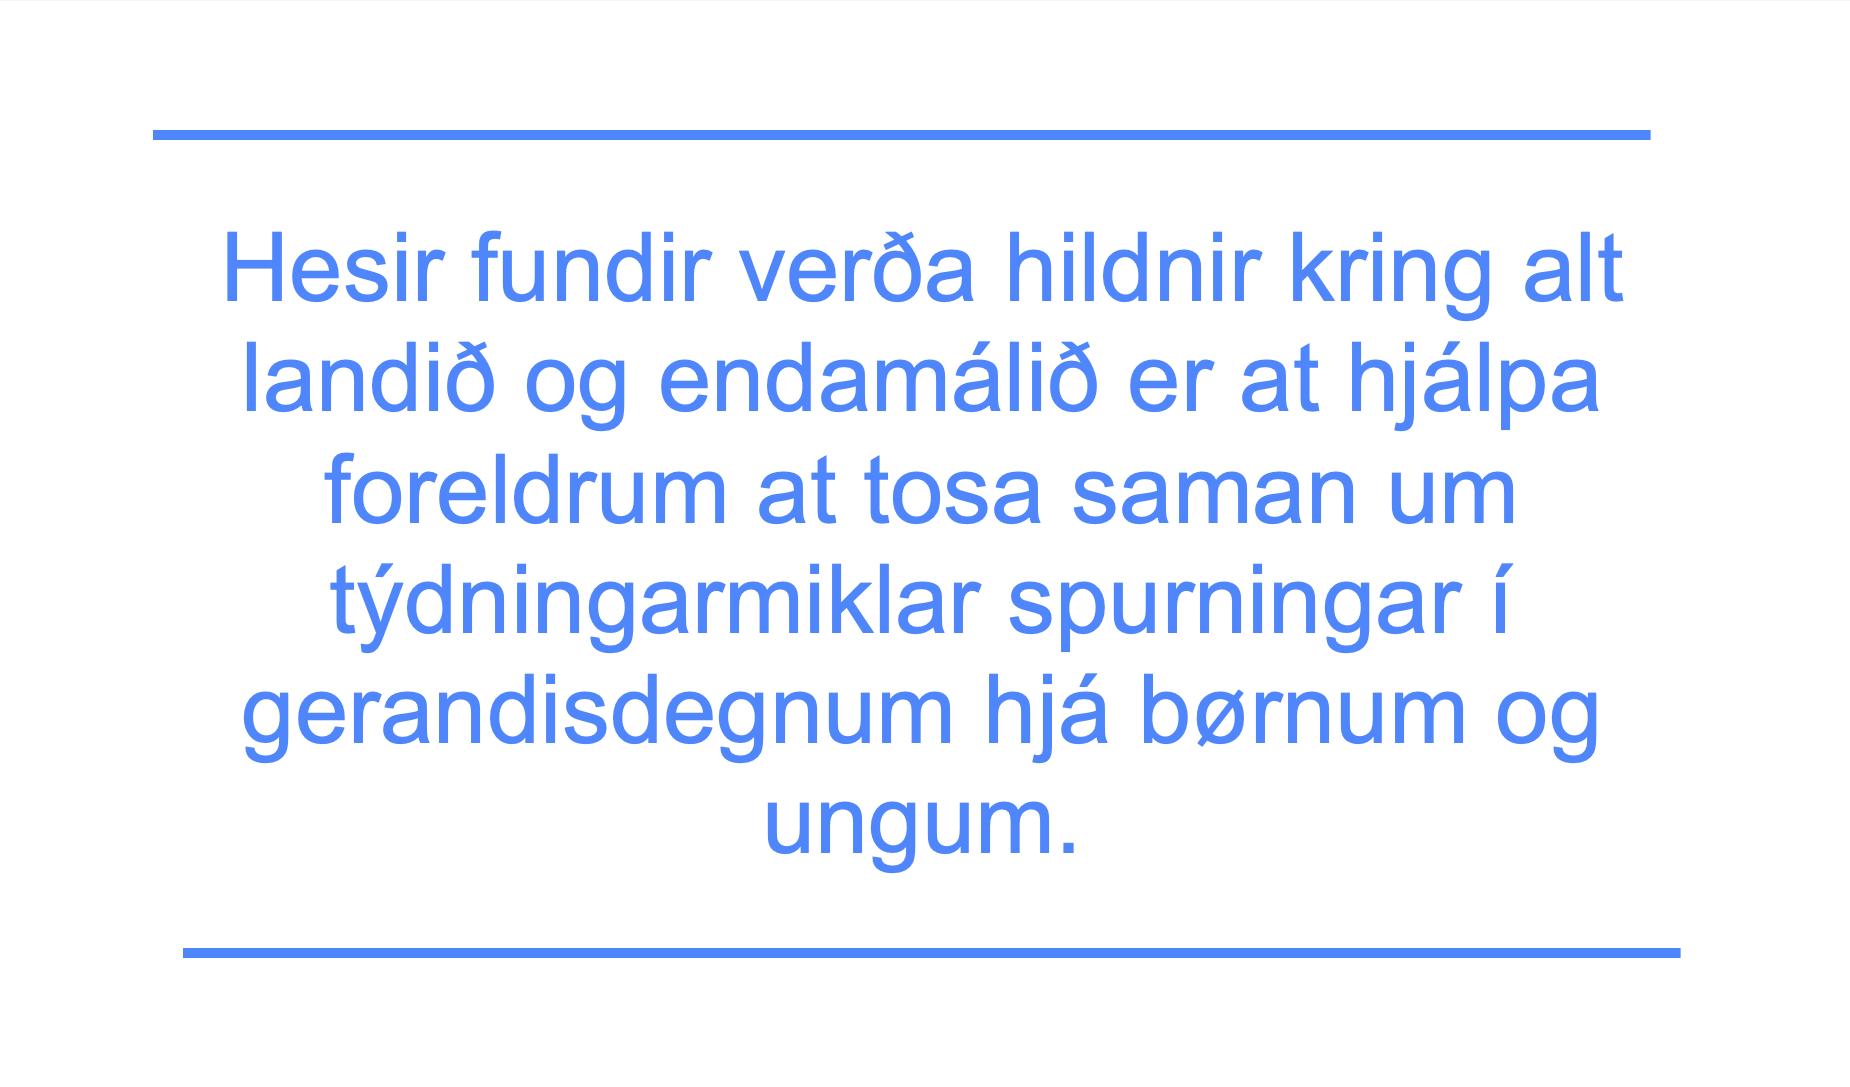 Hesir fundir verða hildnir kring alt landið og endamálið er at hjálpa foreldrum at tosa saman um týdningarmiklar spurningar í gerandisdegnum hjá børnum og ungum.